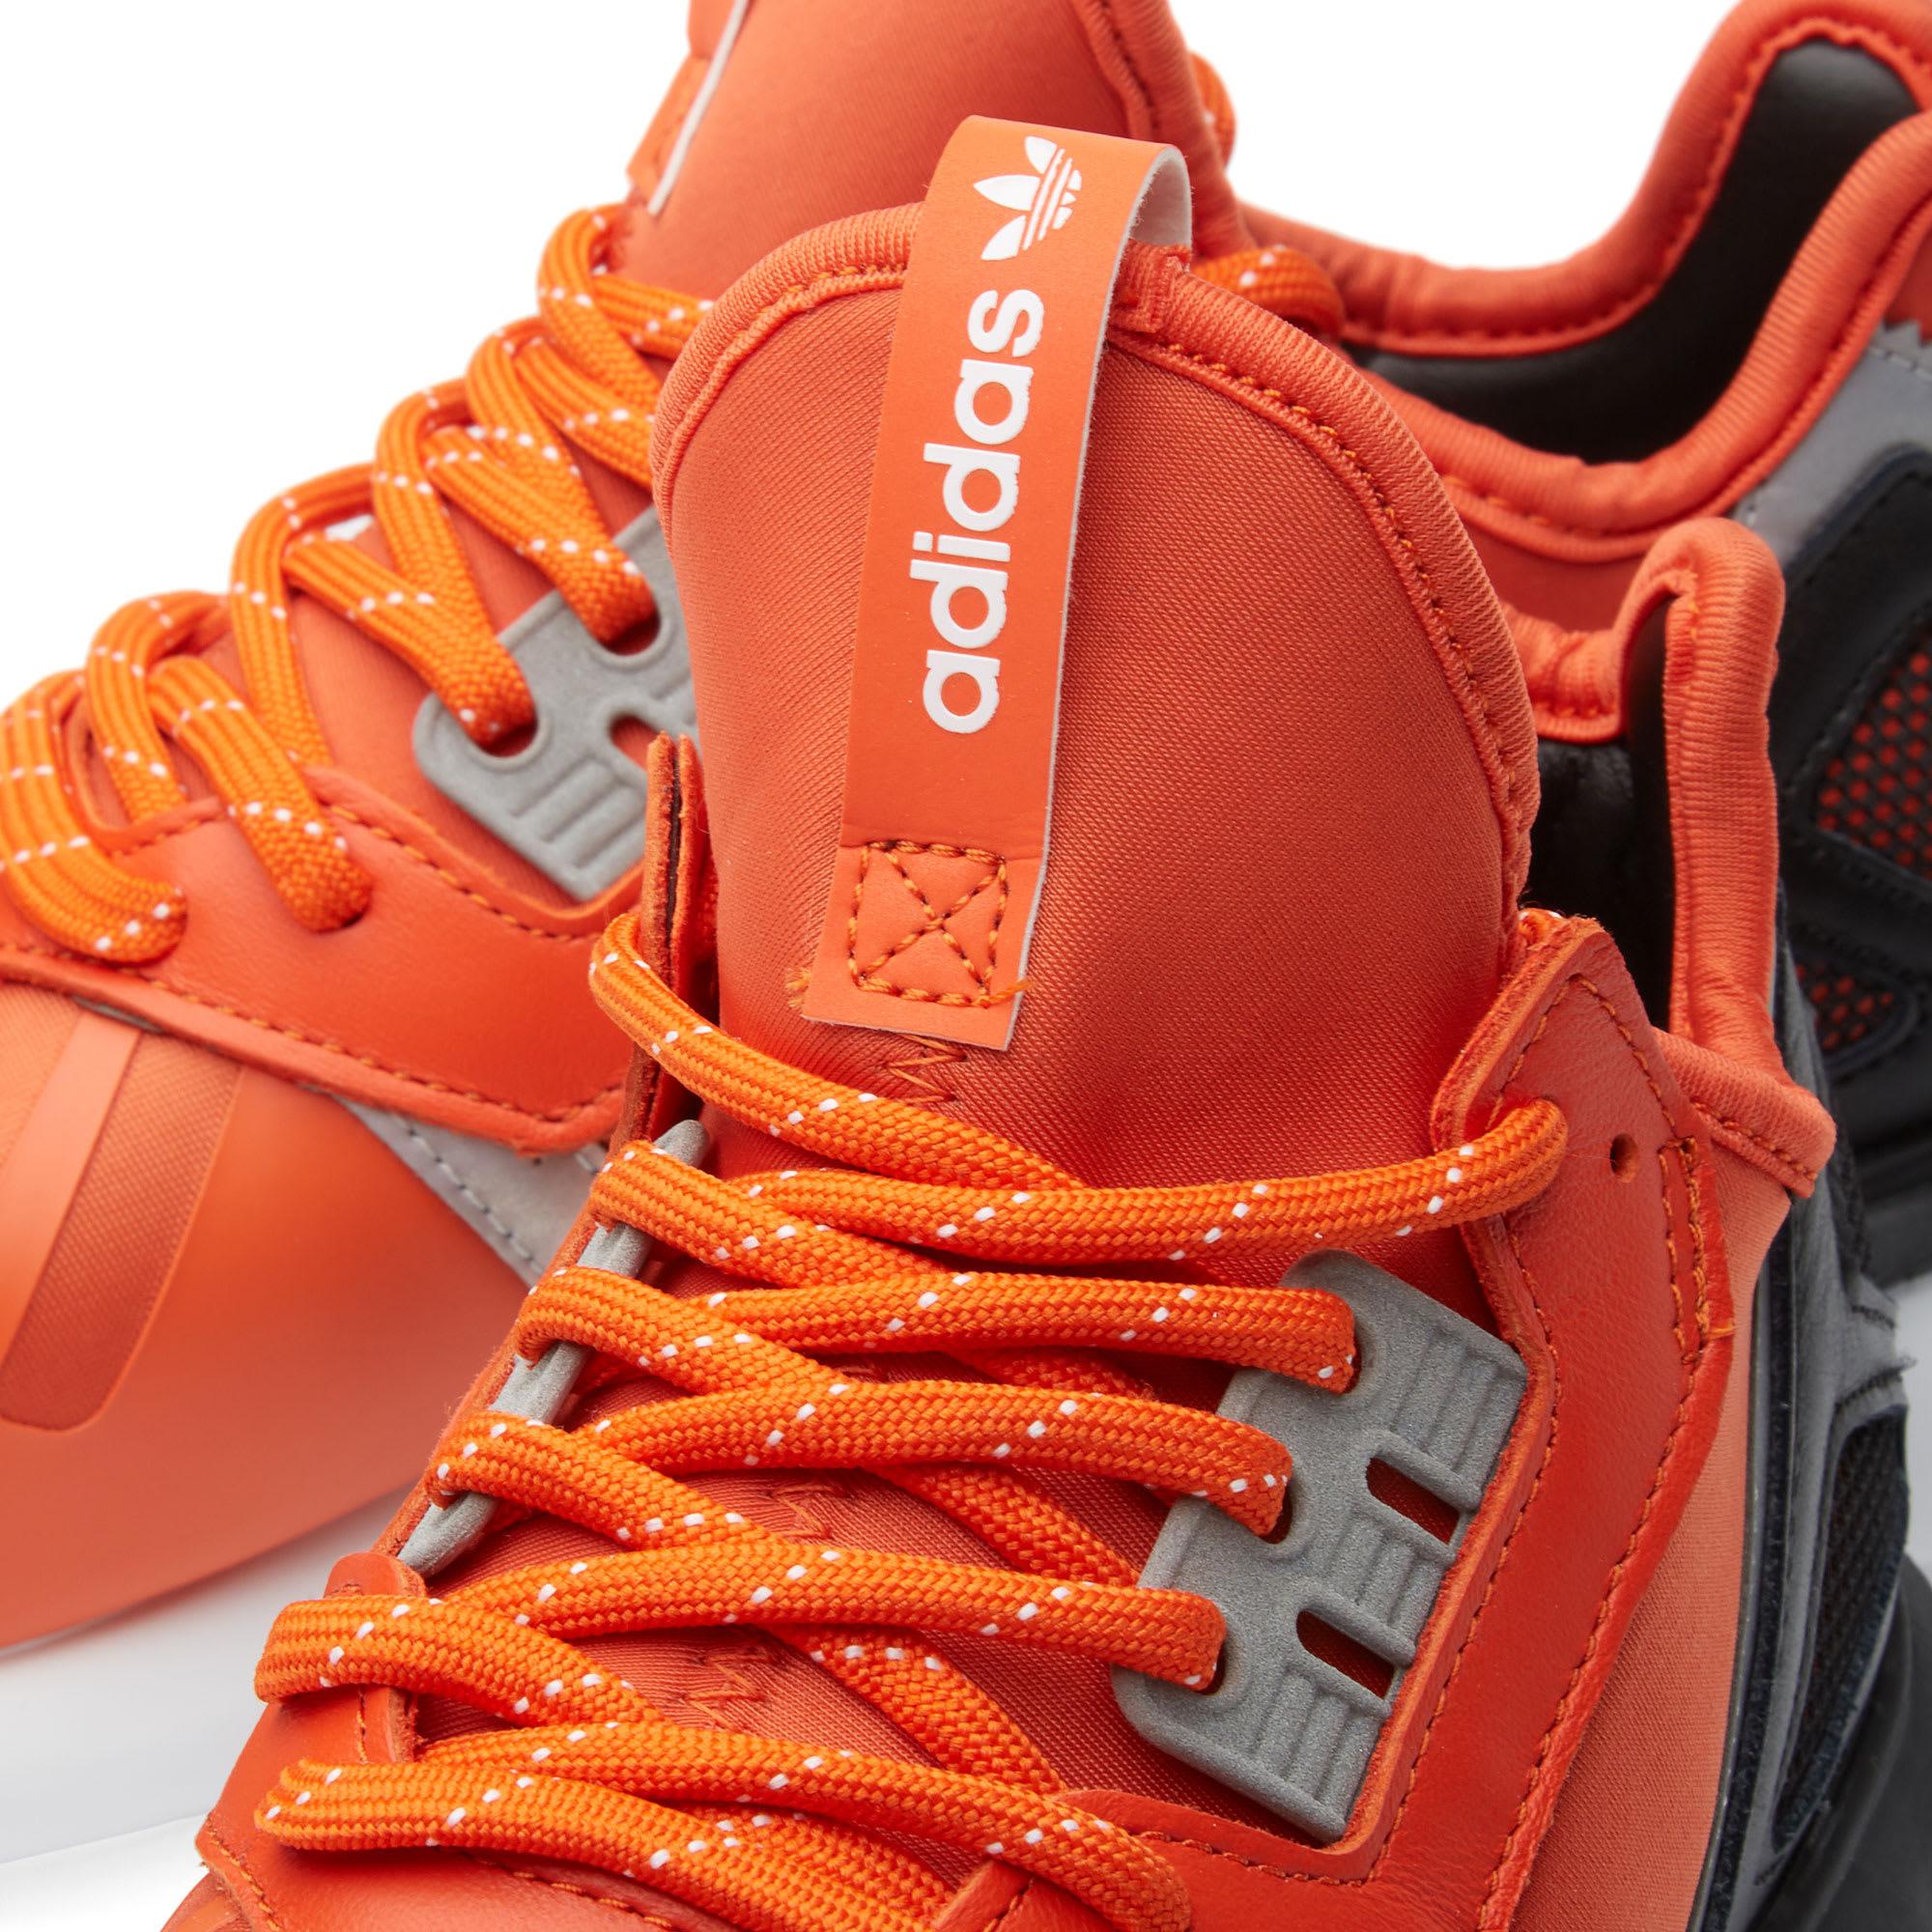 7225fb794bf19 Adidas Tubular Runner Collegiate Orange   Core Black